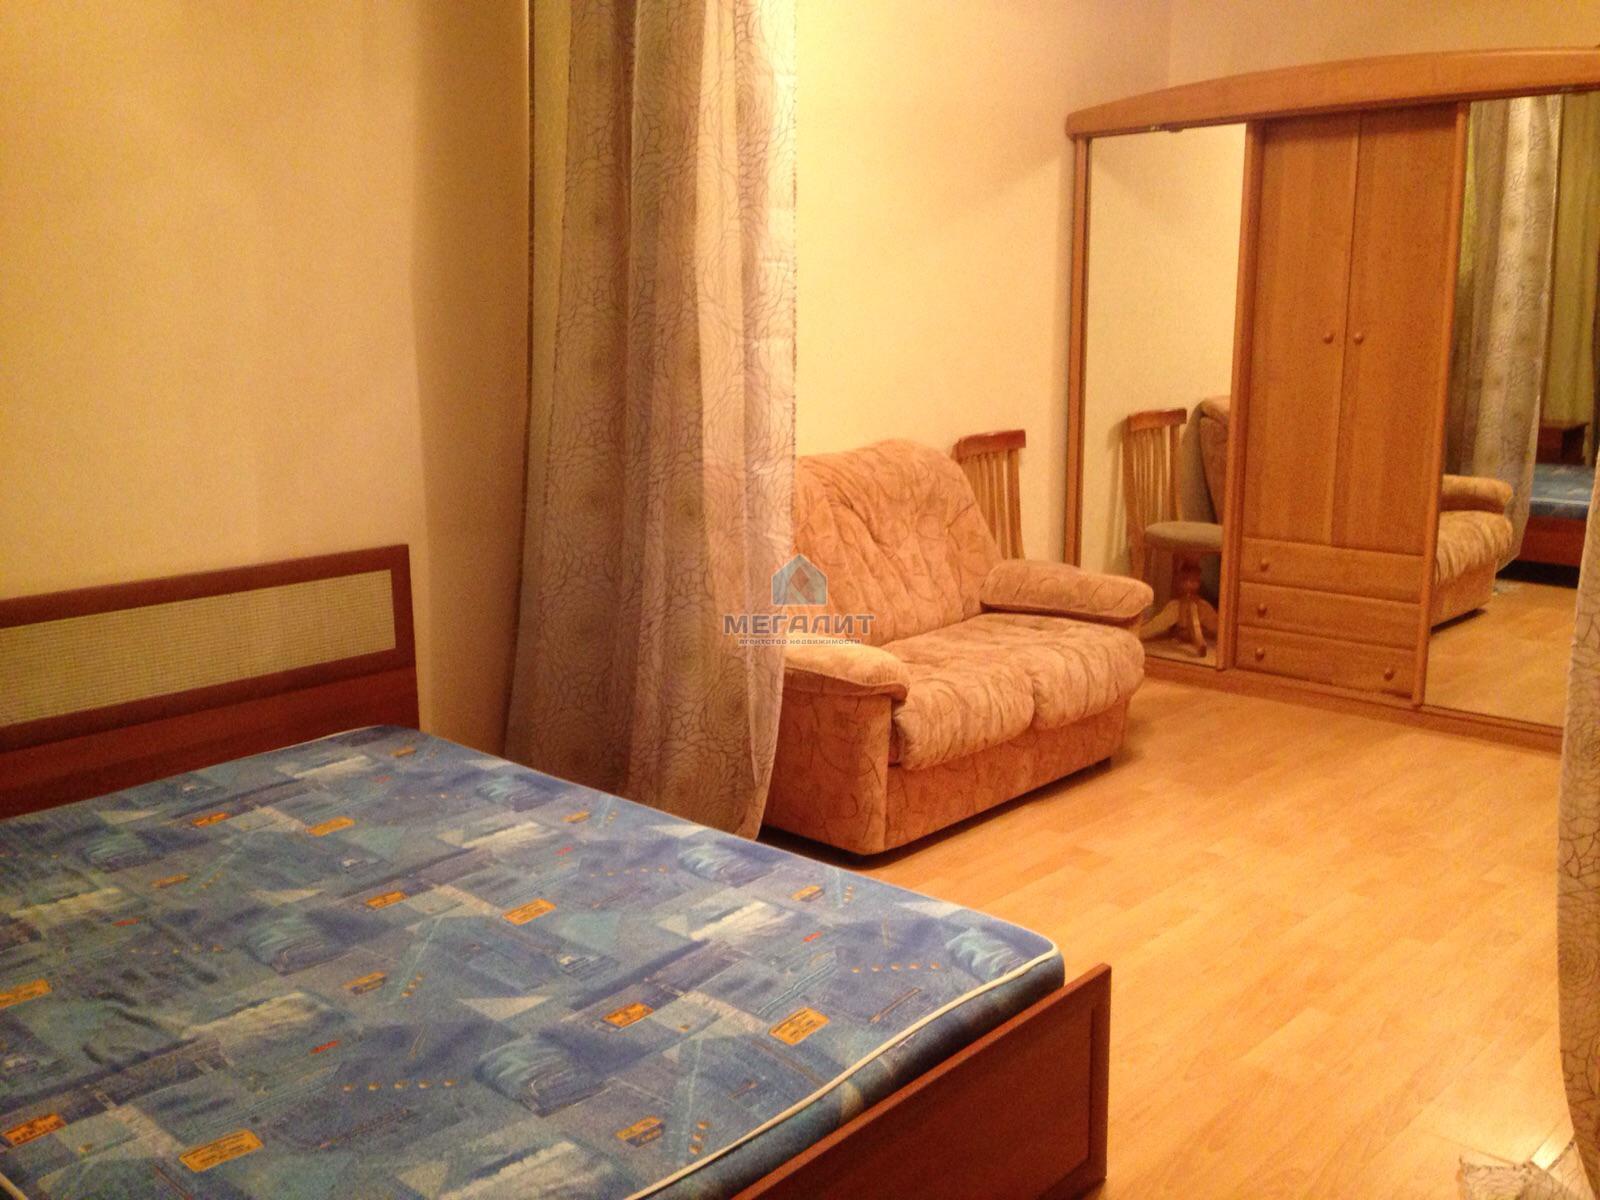 Аренда 1-к квартиры Мидхата Булатова 5, 50.0 м² (миниатюра №1)